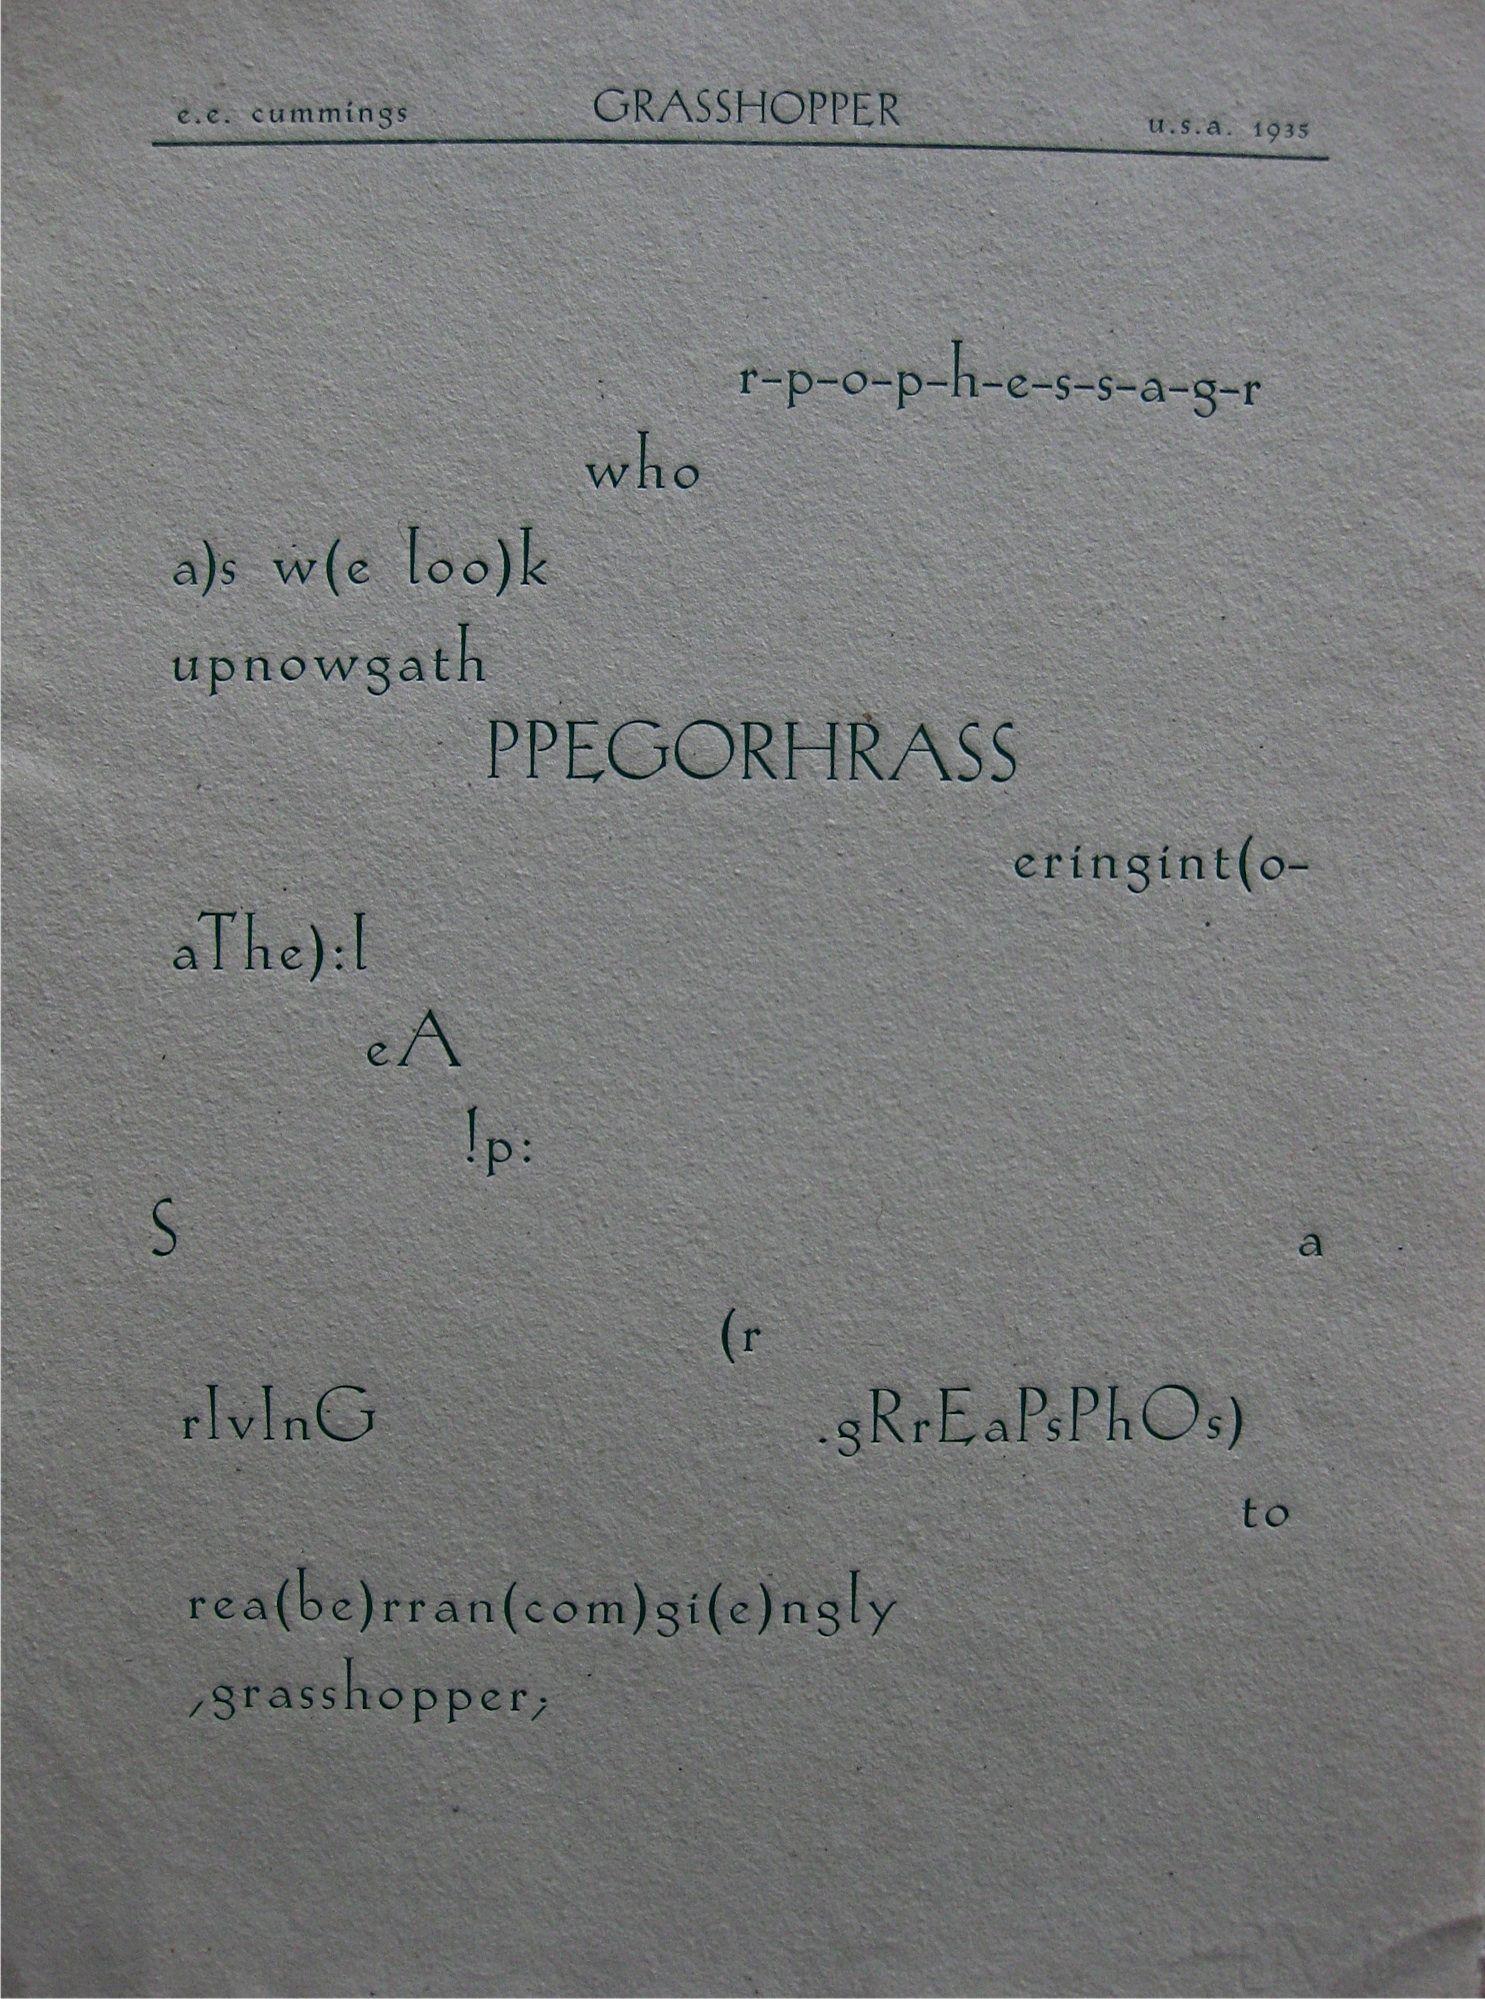 thomas stearns eliot 1922 original manuscript for wasteland e e cummings r p o p h e s s a g r